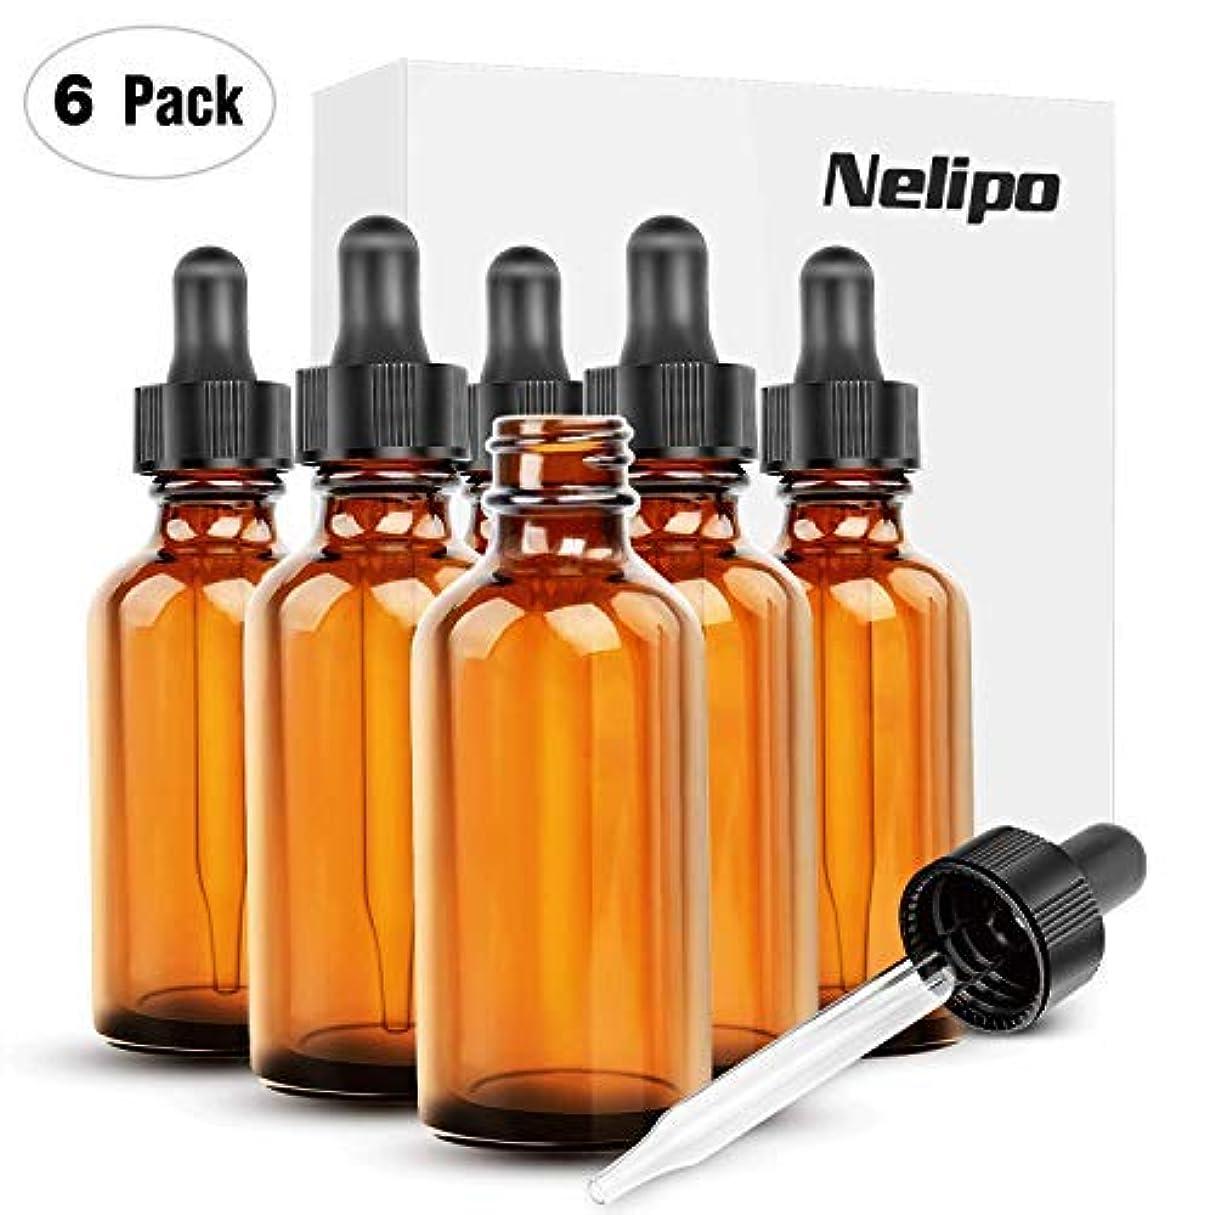 準備ができて顕著コミュニケーションNelipo 2oz Amber Glass Bottles for Essential Oils with Glass Eye Dropper - Pack of 6 [並行輸入品]